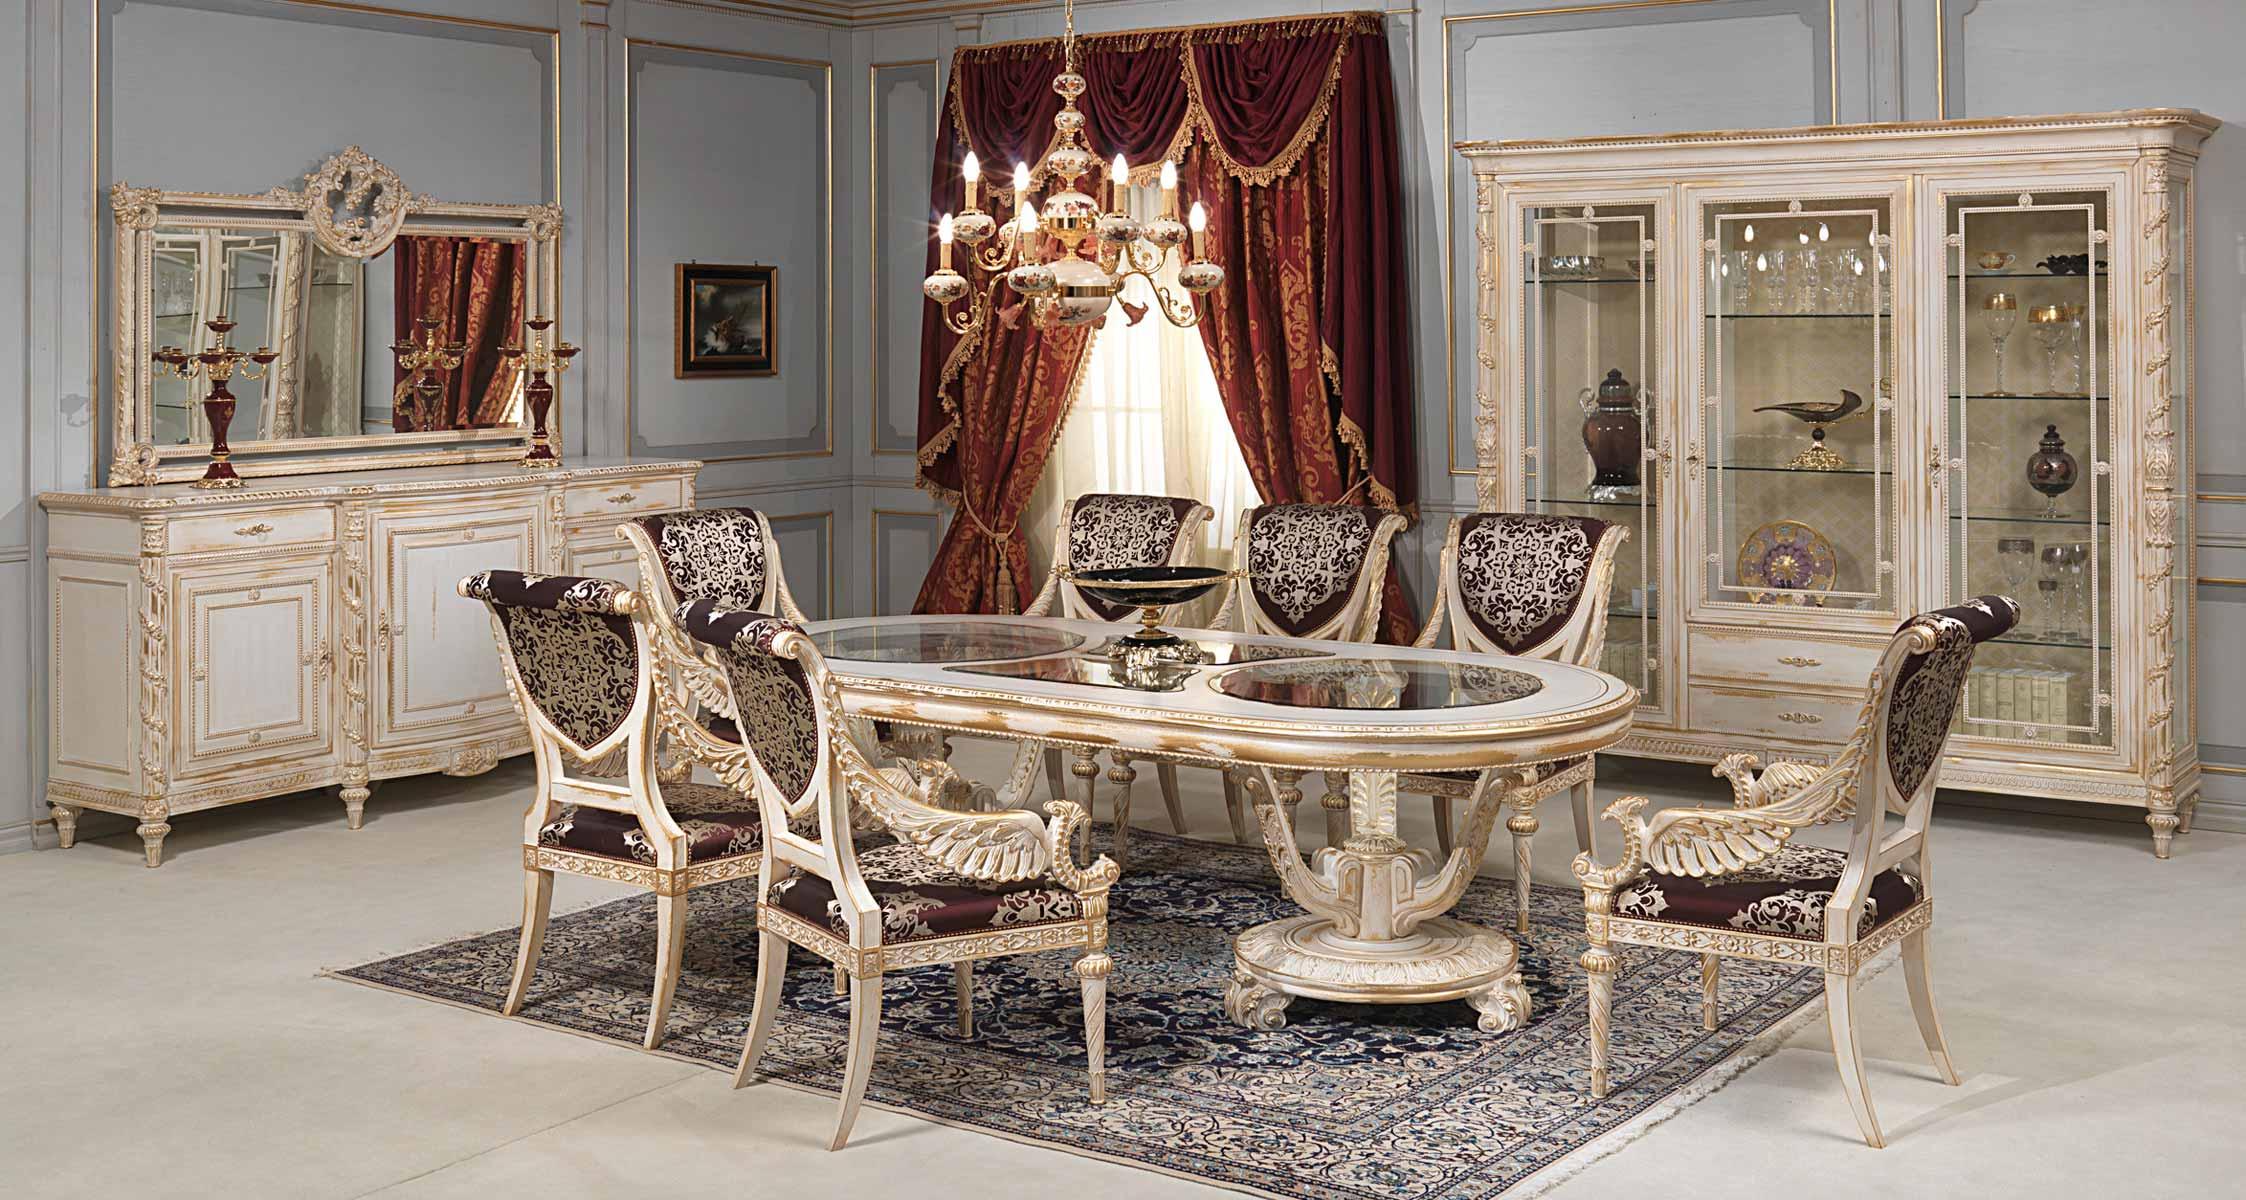 Sala Da Pranzo White And Gold In Stile Luigi XVI Vimercati Meda #905E3B 2246 1200 Mobili Bianchi Sala Da Pranzo